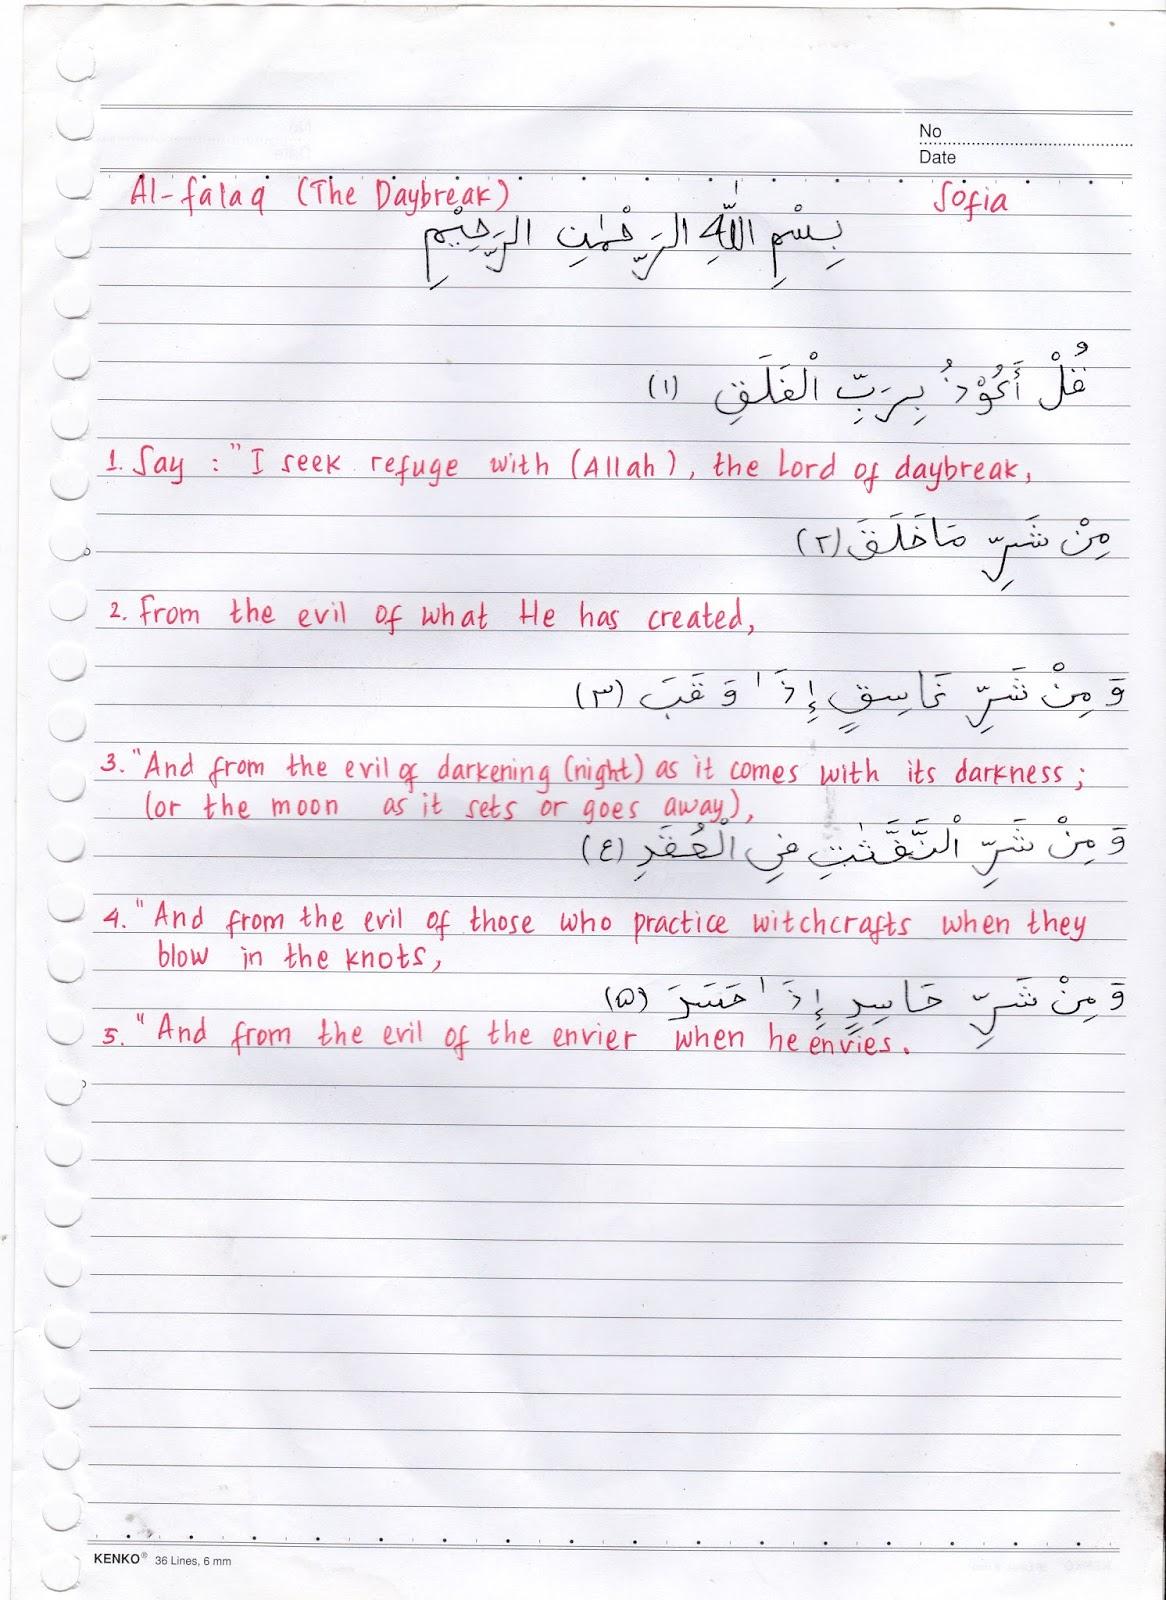 yasmin sofia surat al falaq arti terjemahan dalam bahasa inggris rh yasmin sofia blogspot com arti arti bahasa inggris arti bahasa inggris